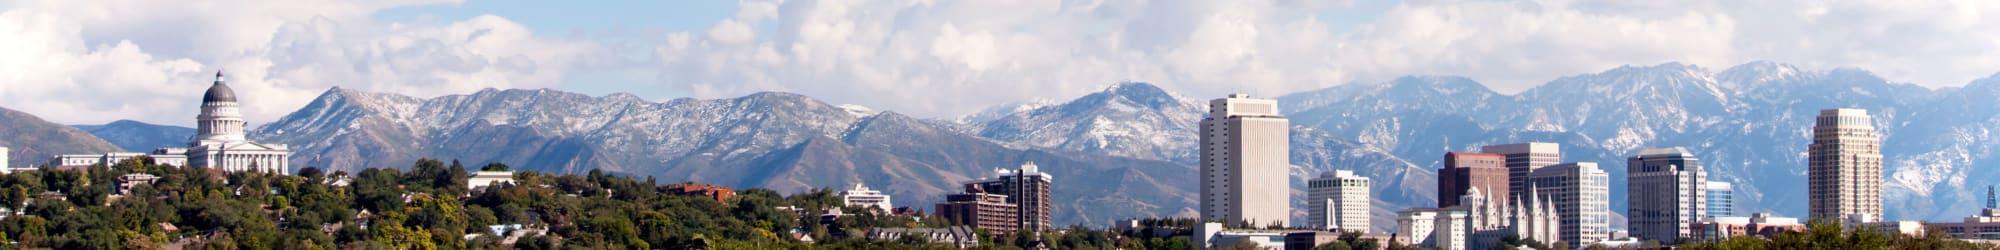 Floor plans at Liberty SKY in Salt Lake City, Utah